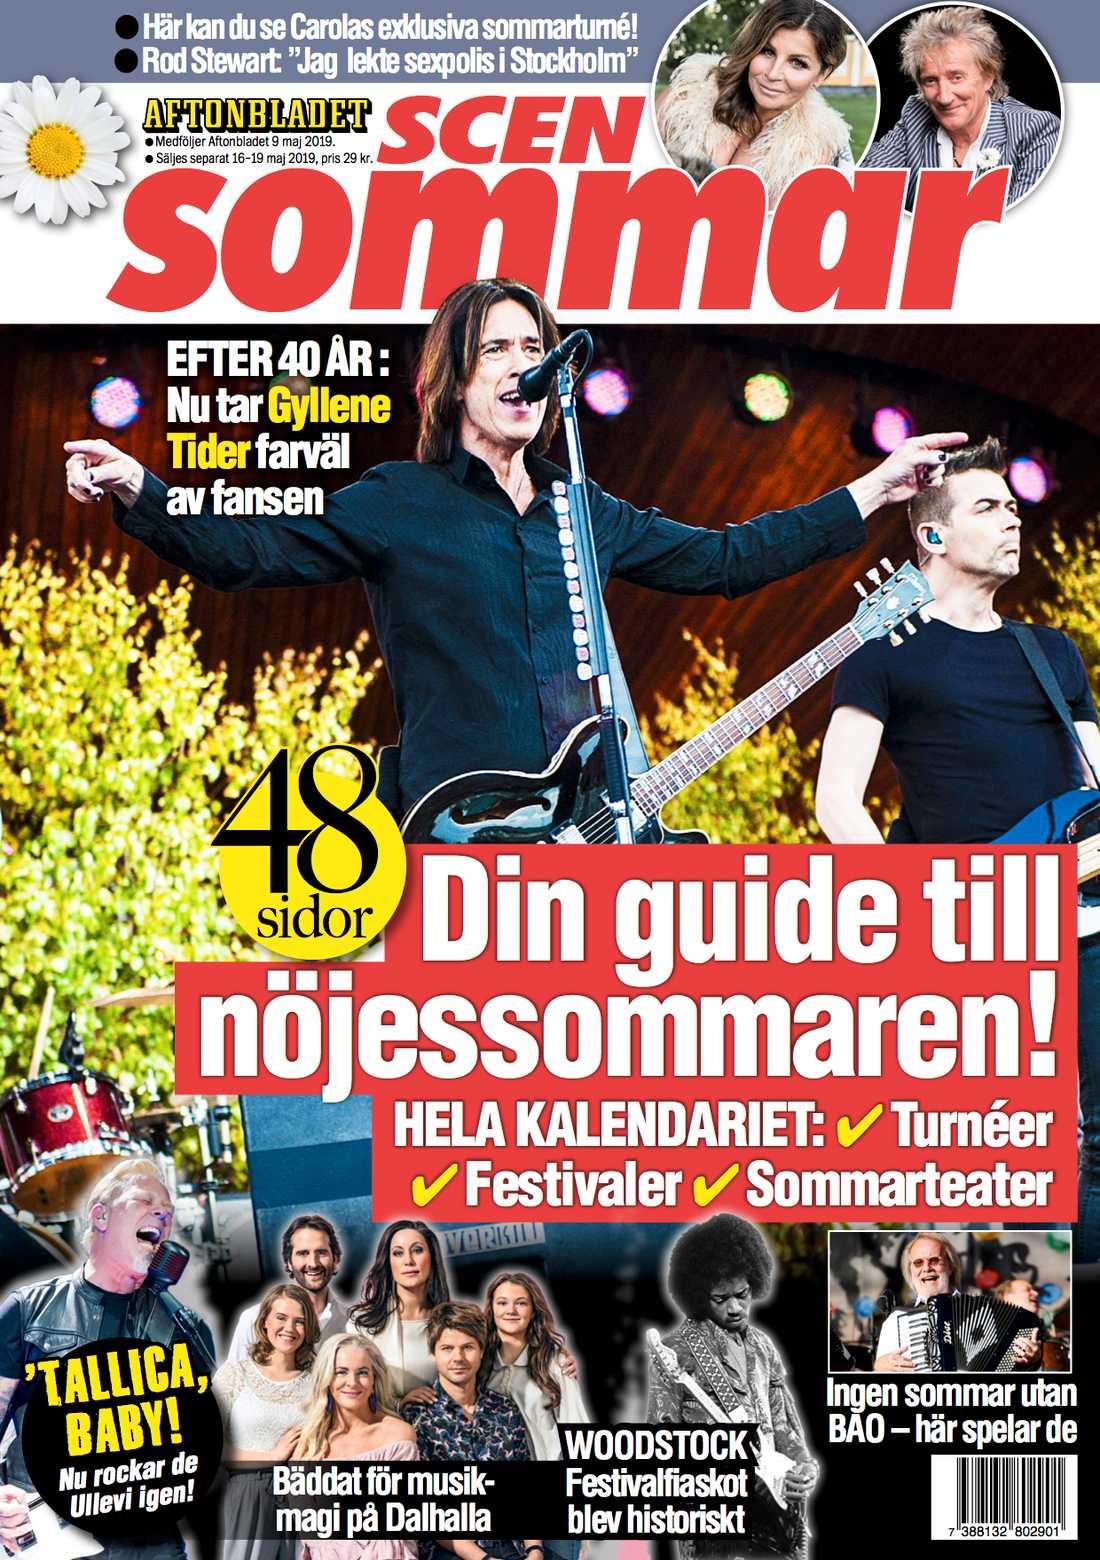 Med Aftonbladet i dag får du en unik nöjesbilaga.